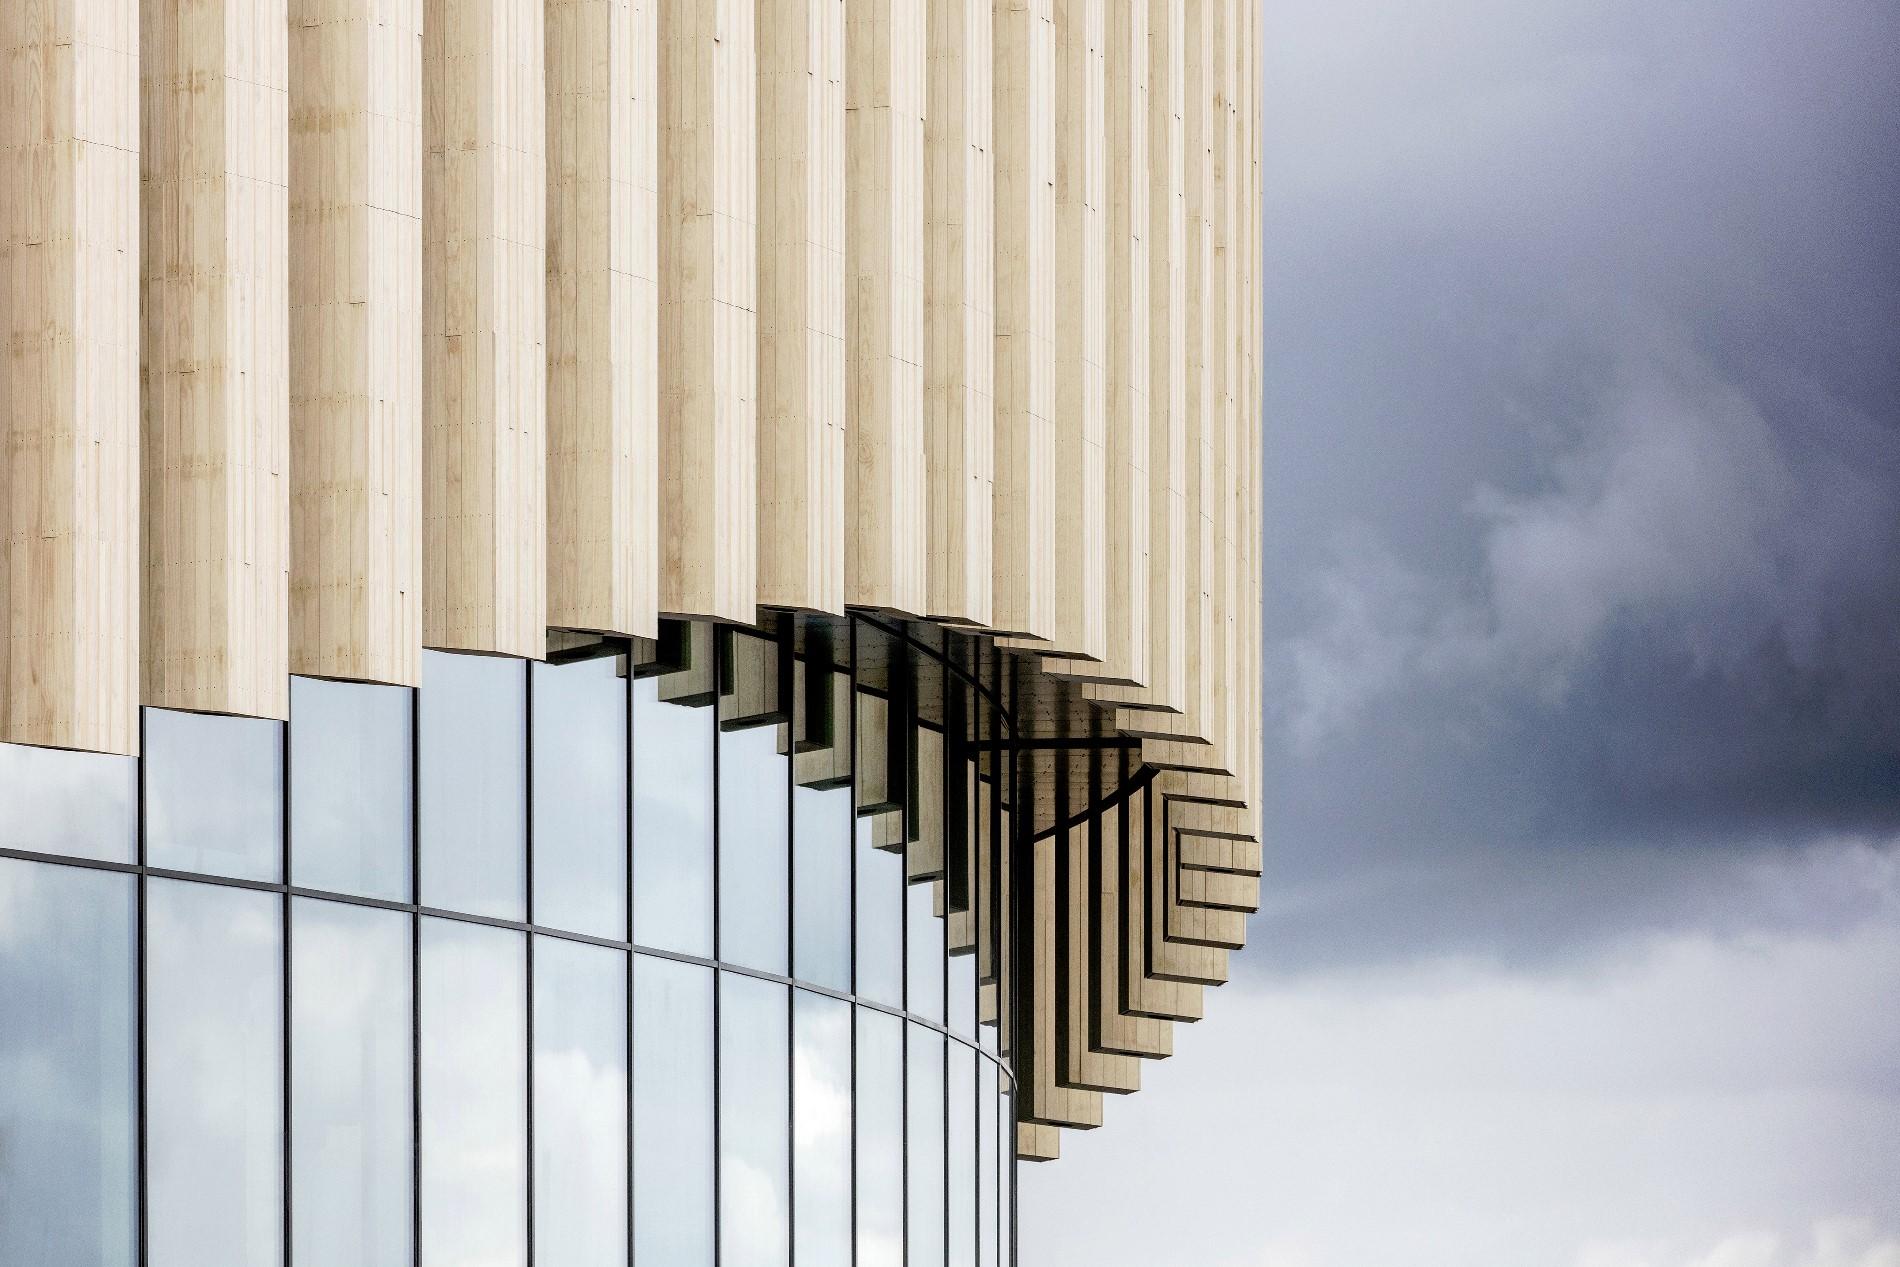 La facciata ondulata semitrasparente sembra danzare sopra il podio circostante sollevandosi leggermente in corrispondenza degli ingressi © Adam Mørk